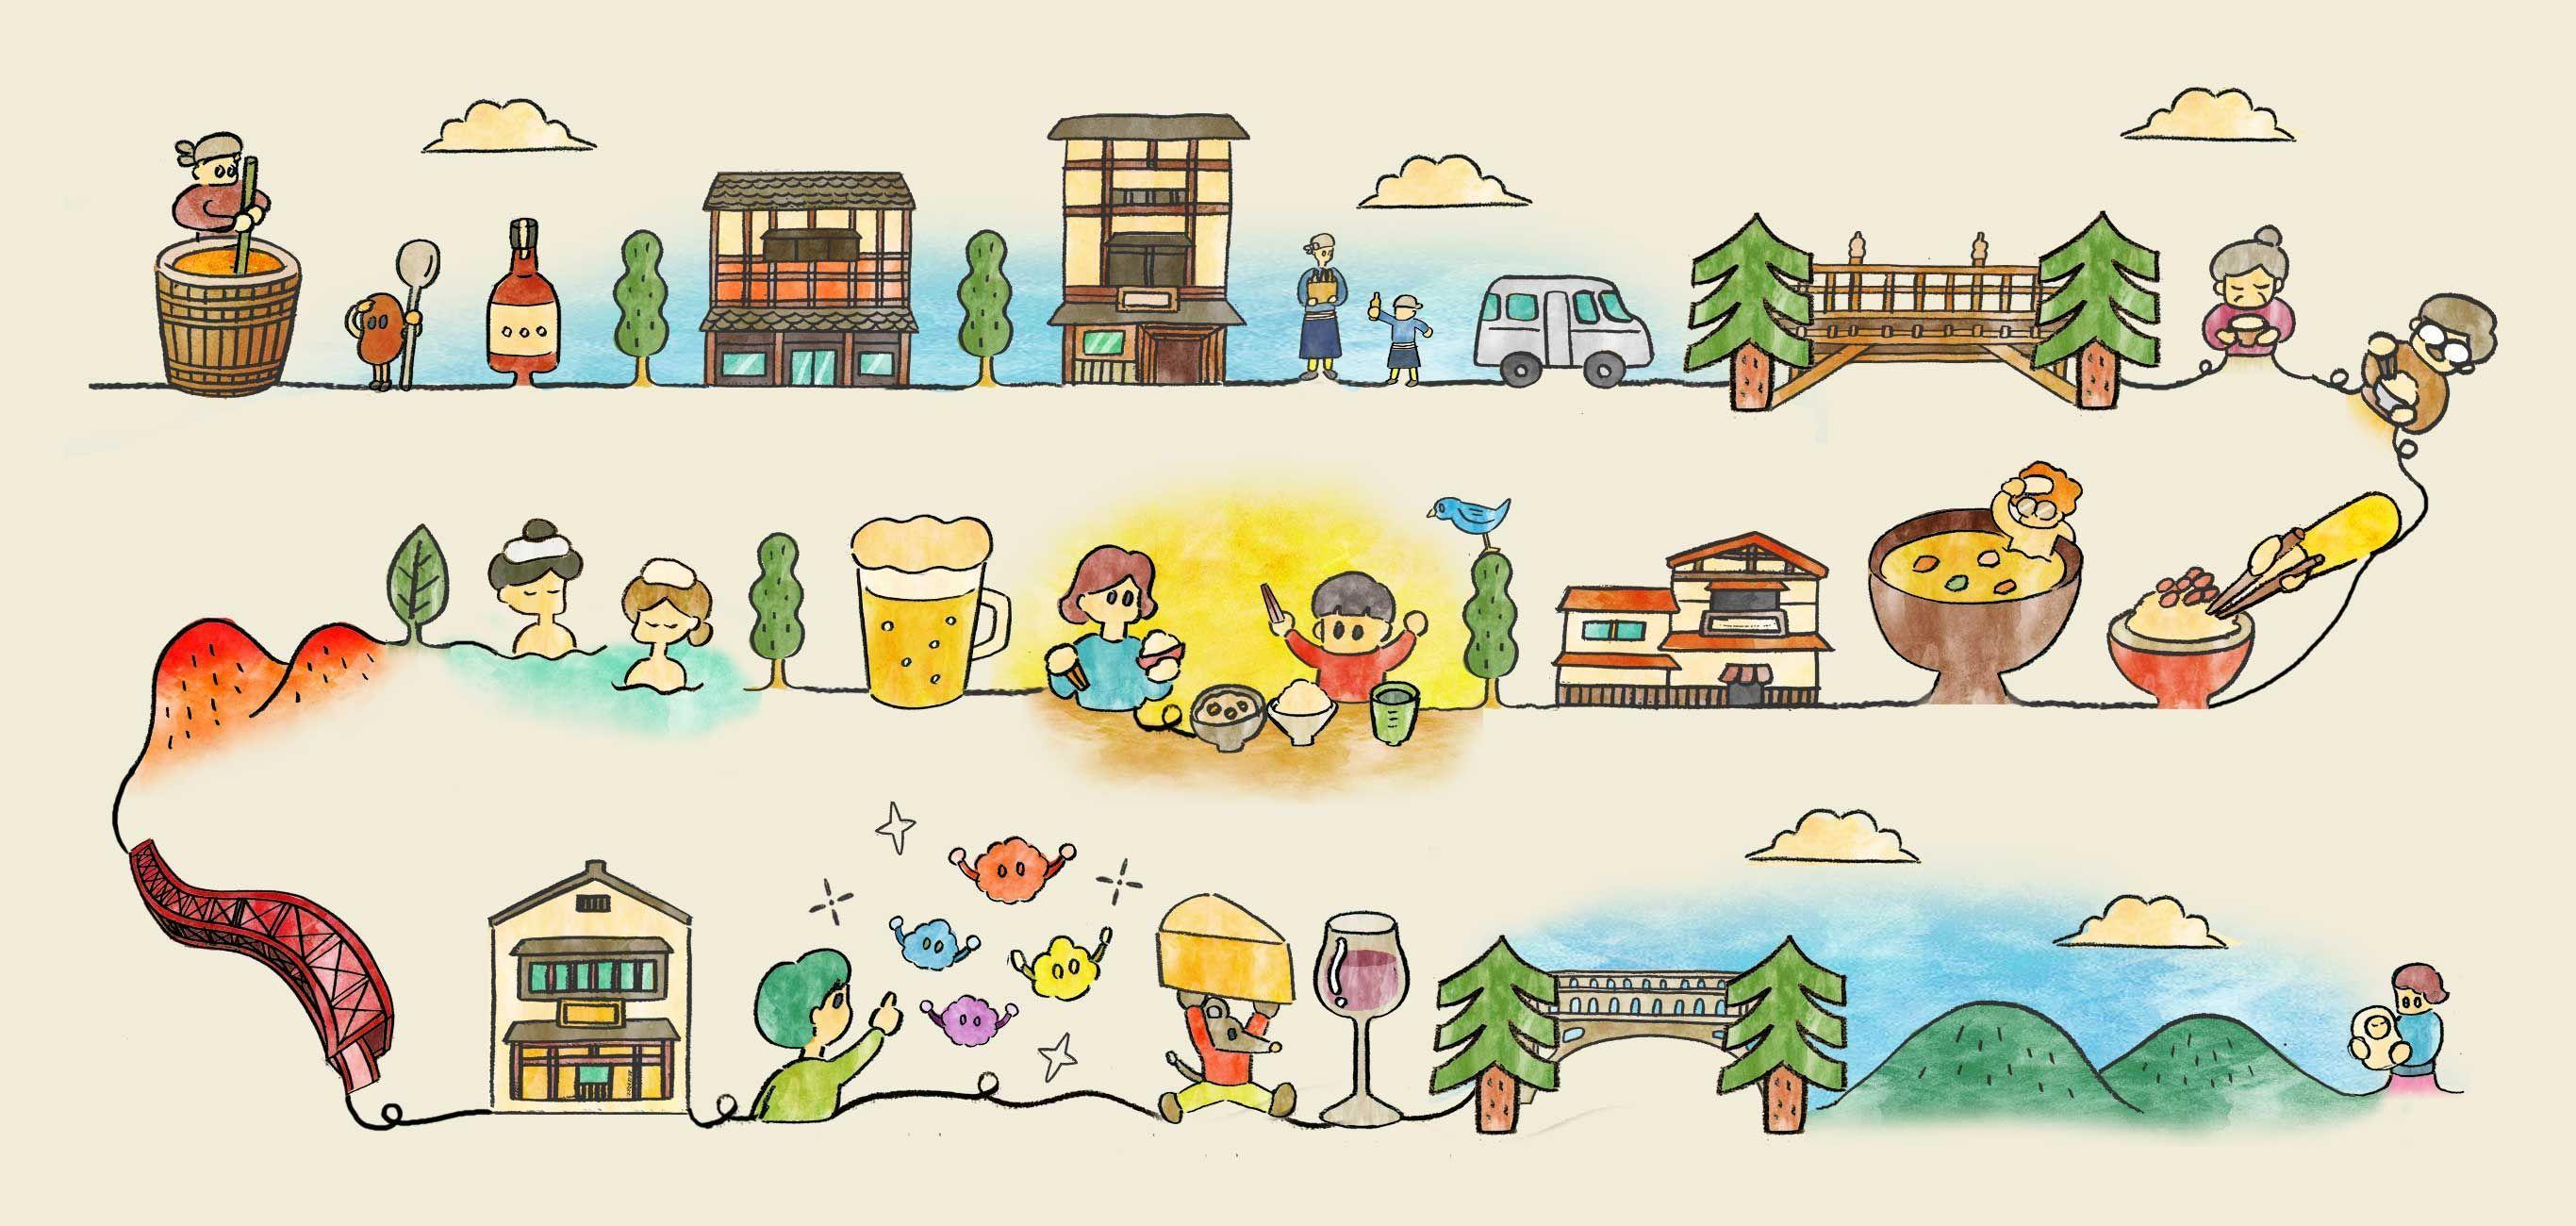 Provincial lifestyle illustration- 地方のライフスタイル イラスト Illustration of a l